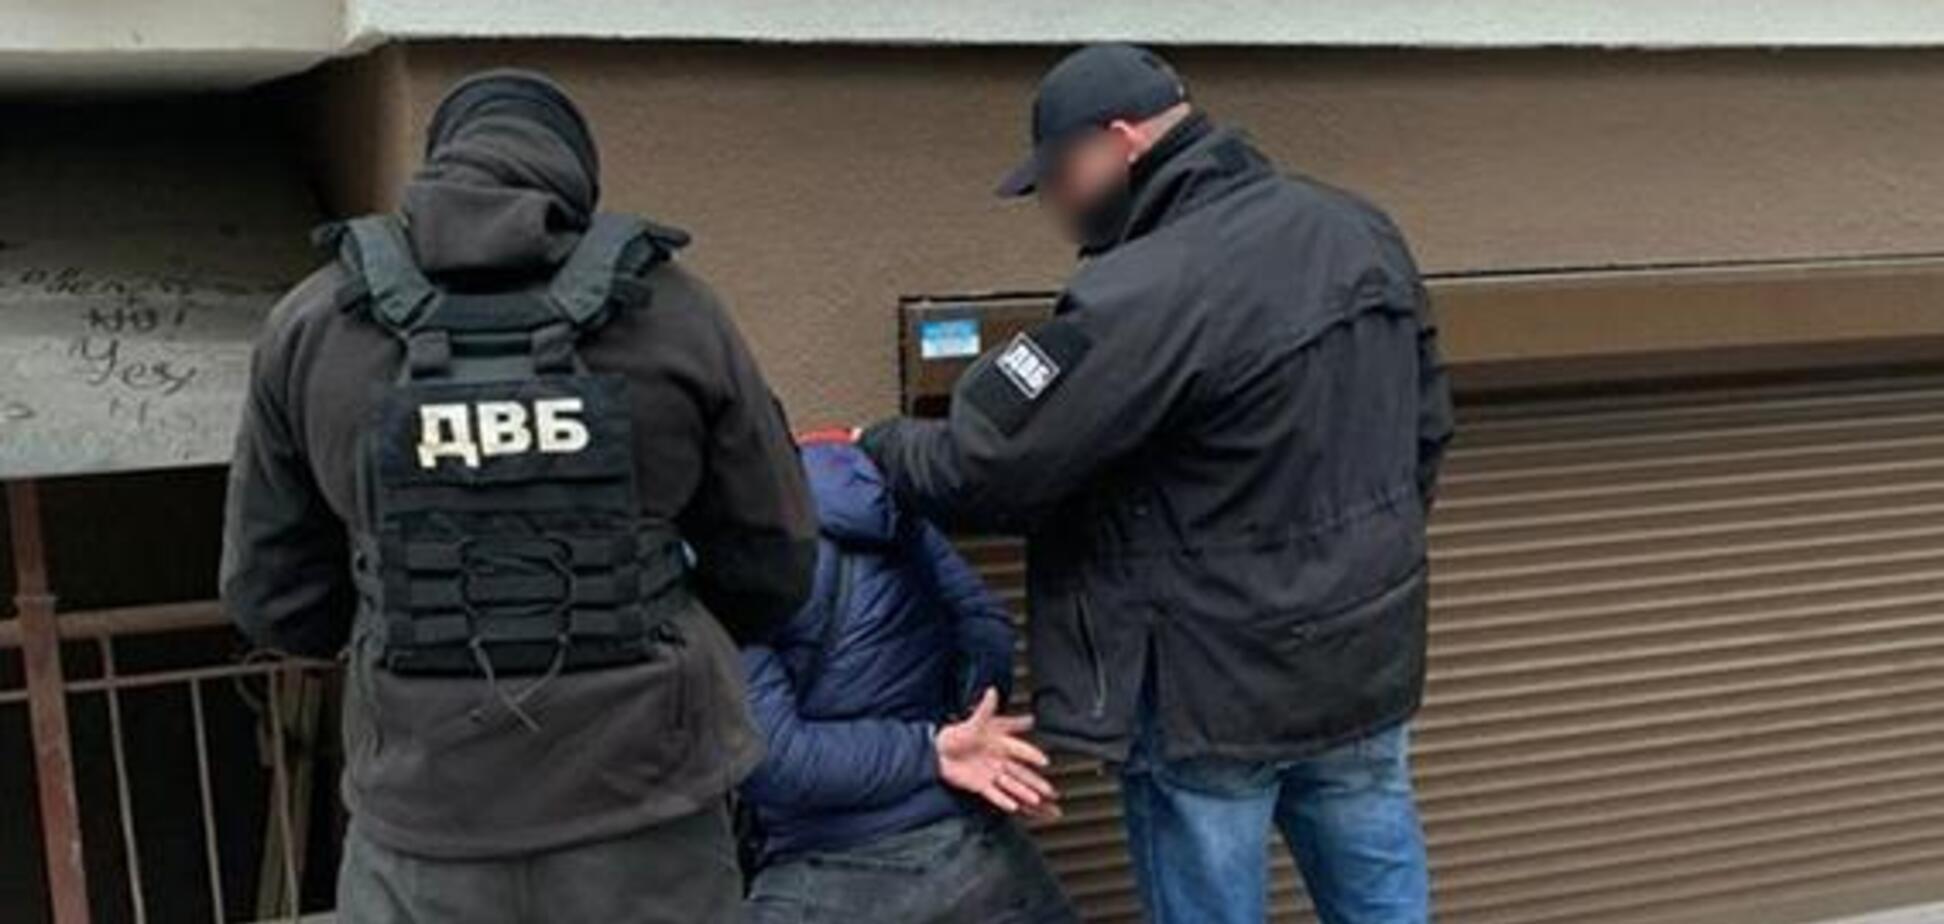 Суд принял решение о террориста 'ДНР', который в Киеве обстрелял полицейских